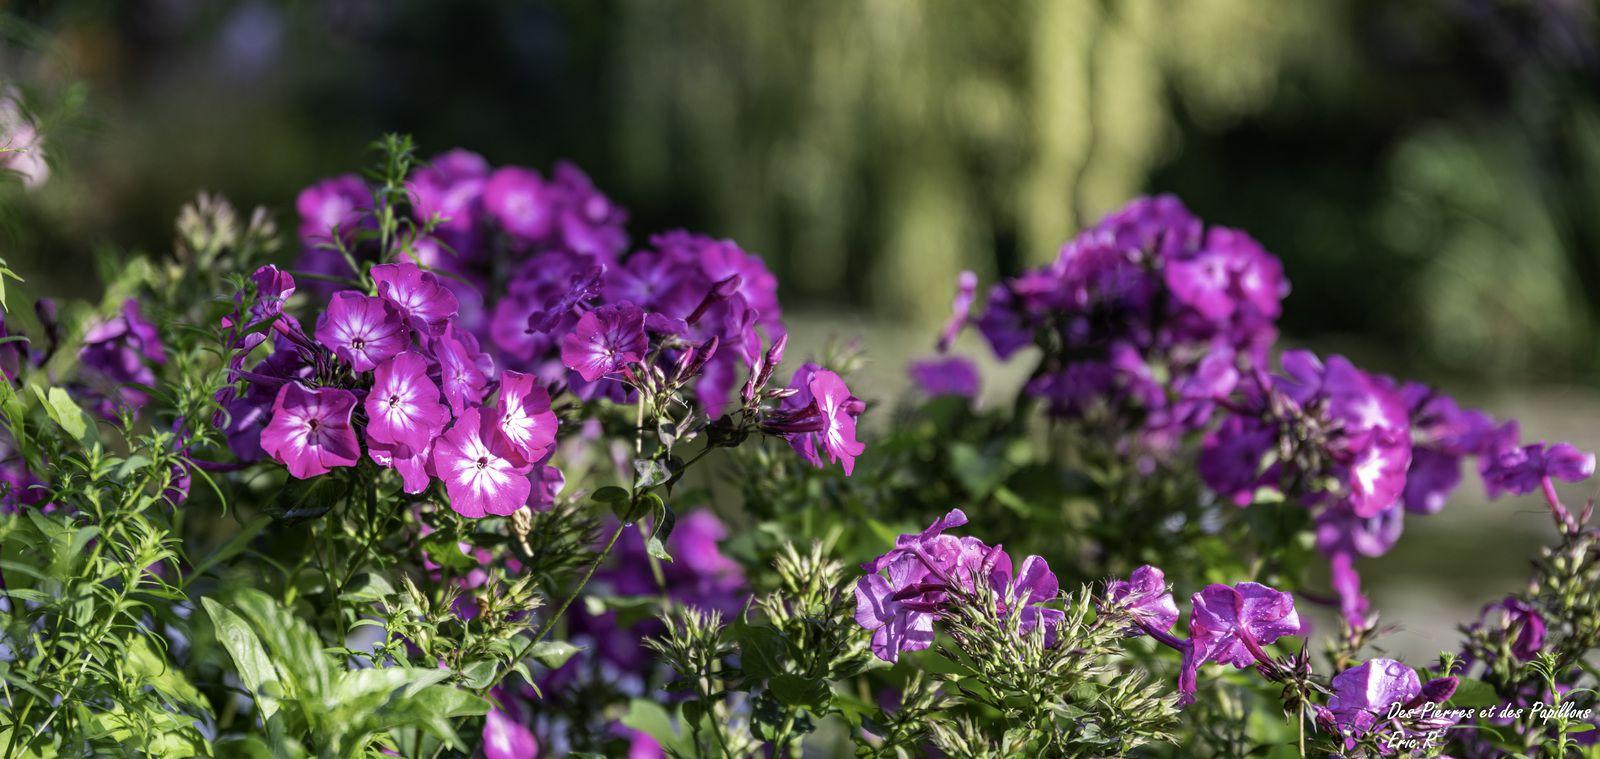 Les fleurs dans le jardin d'eau